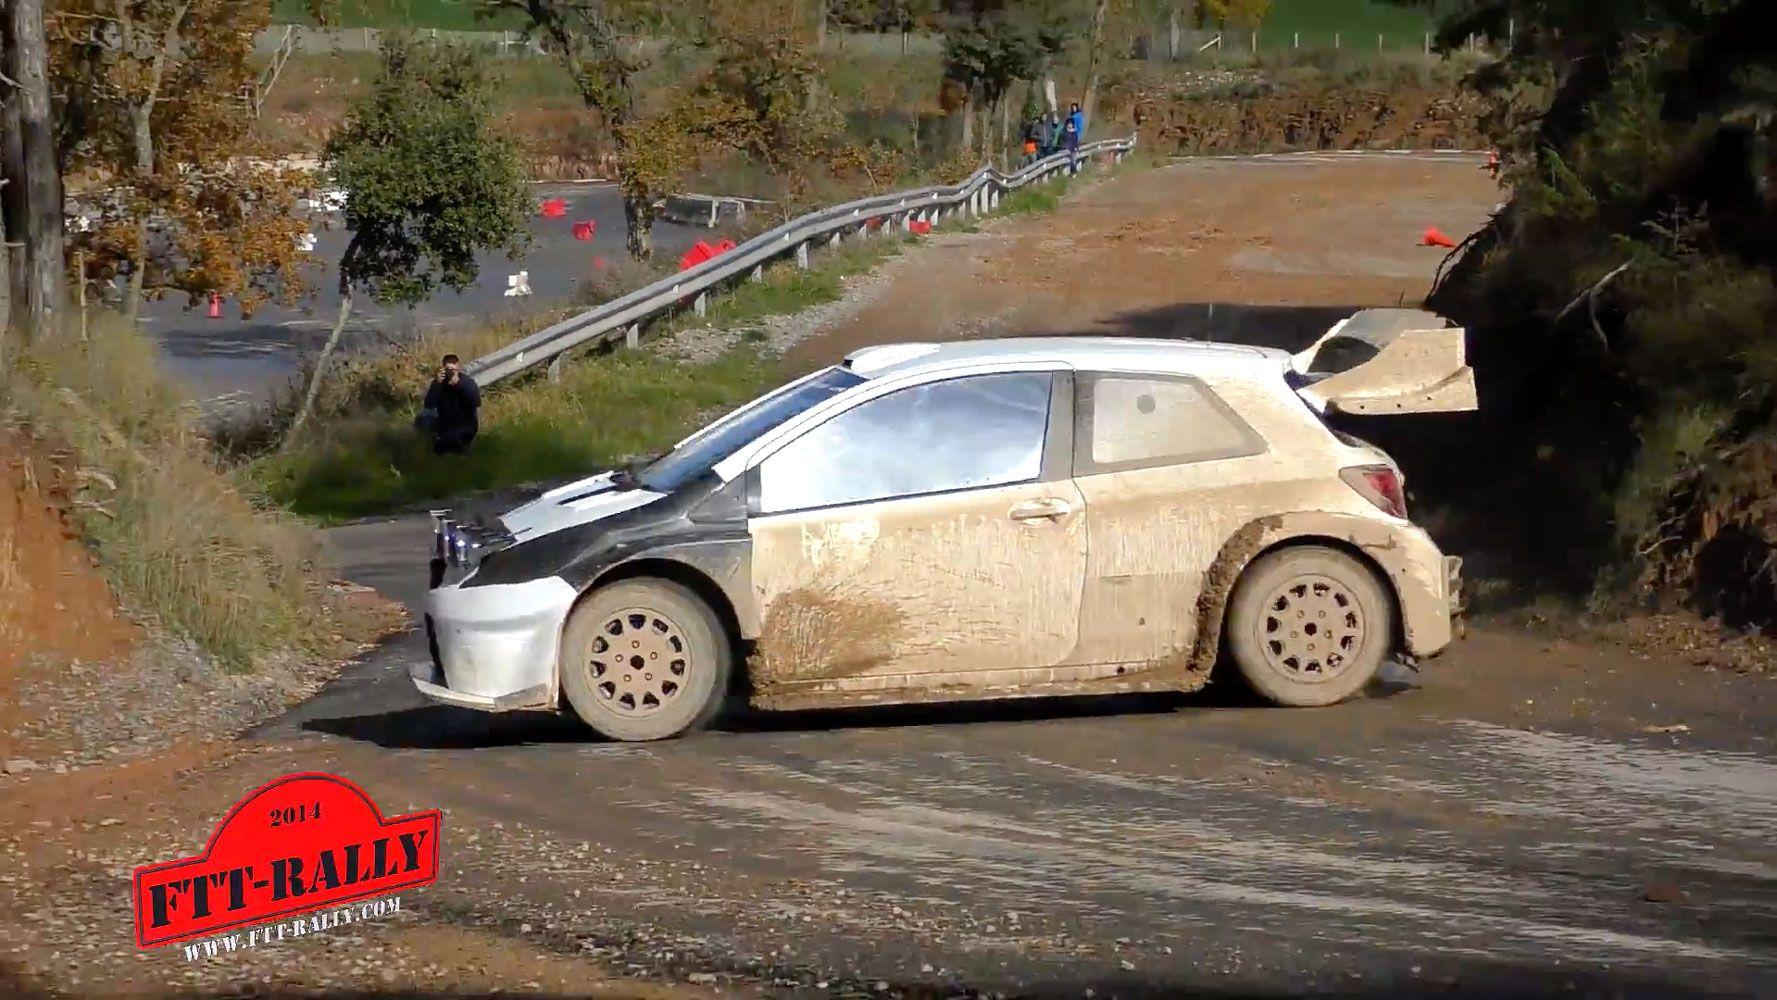 Letzter VW-Test, Suninen im Yaris WRC und offizielle Präsentation des Hyundai i20 WRC 2017.